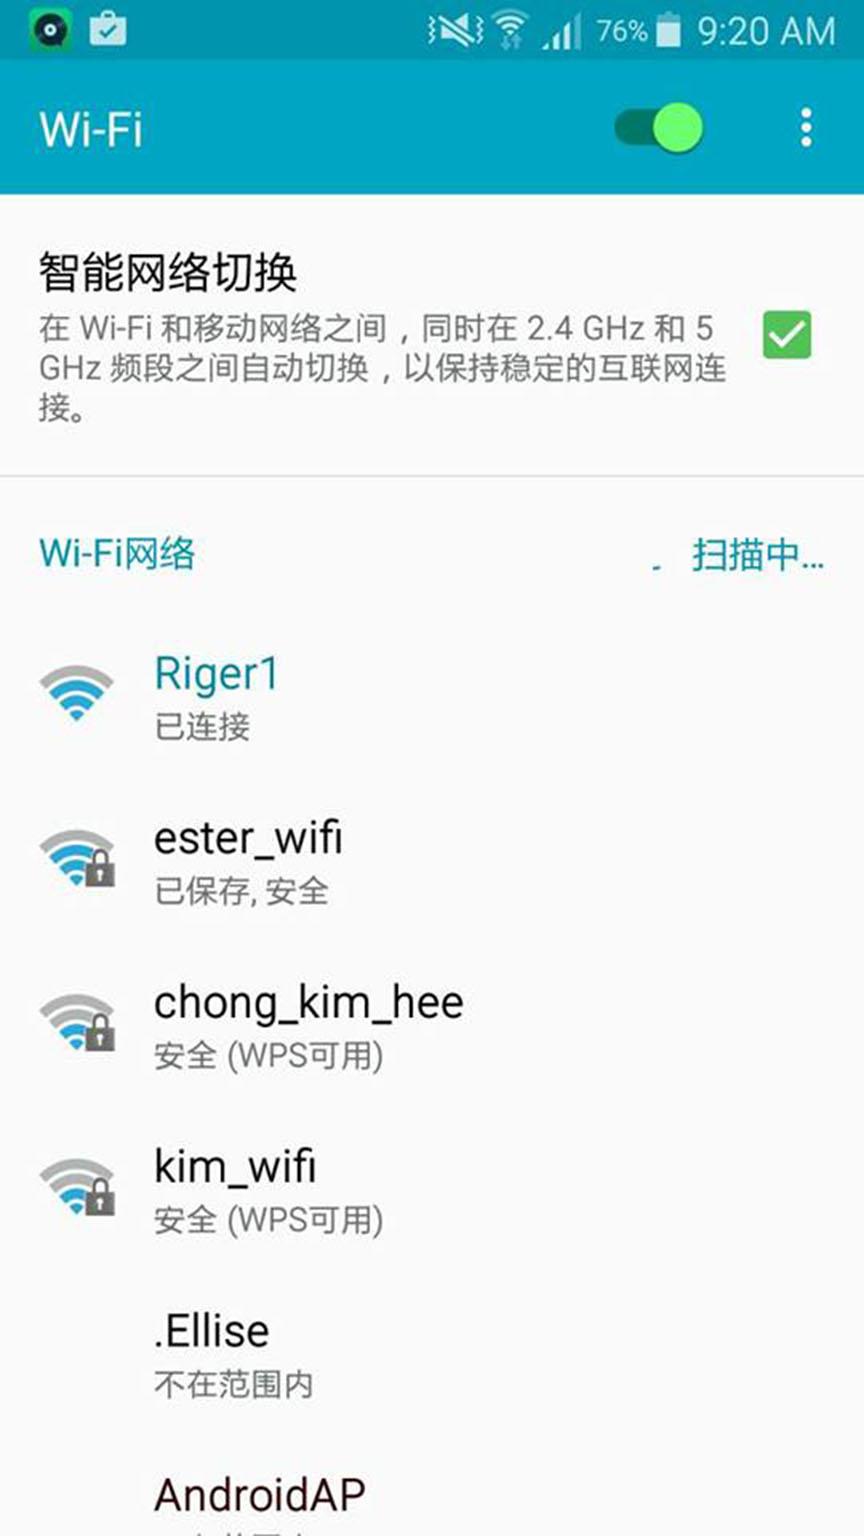 wifi3qi